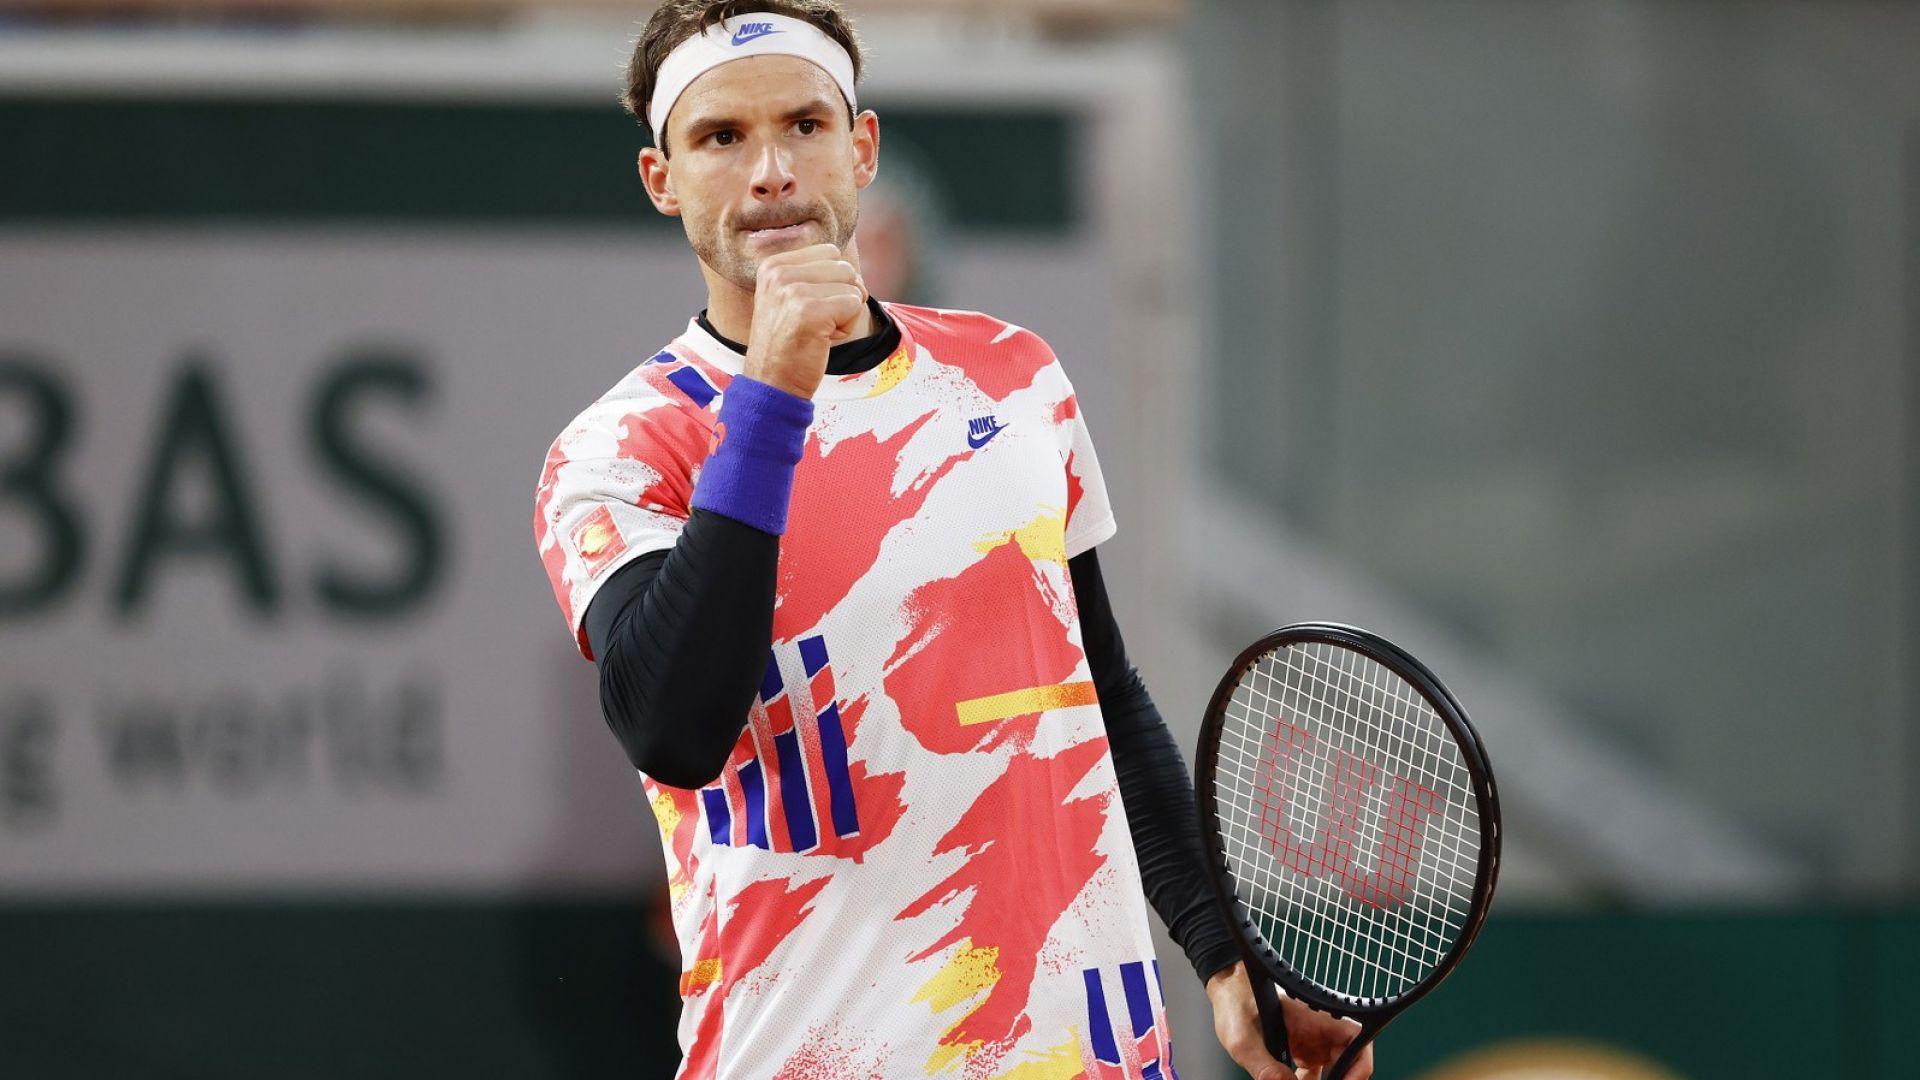 Милош Раонич се отказа, Гришо отива на полуфинал в Антверпен